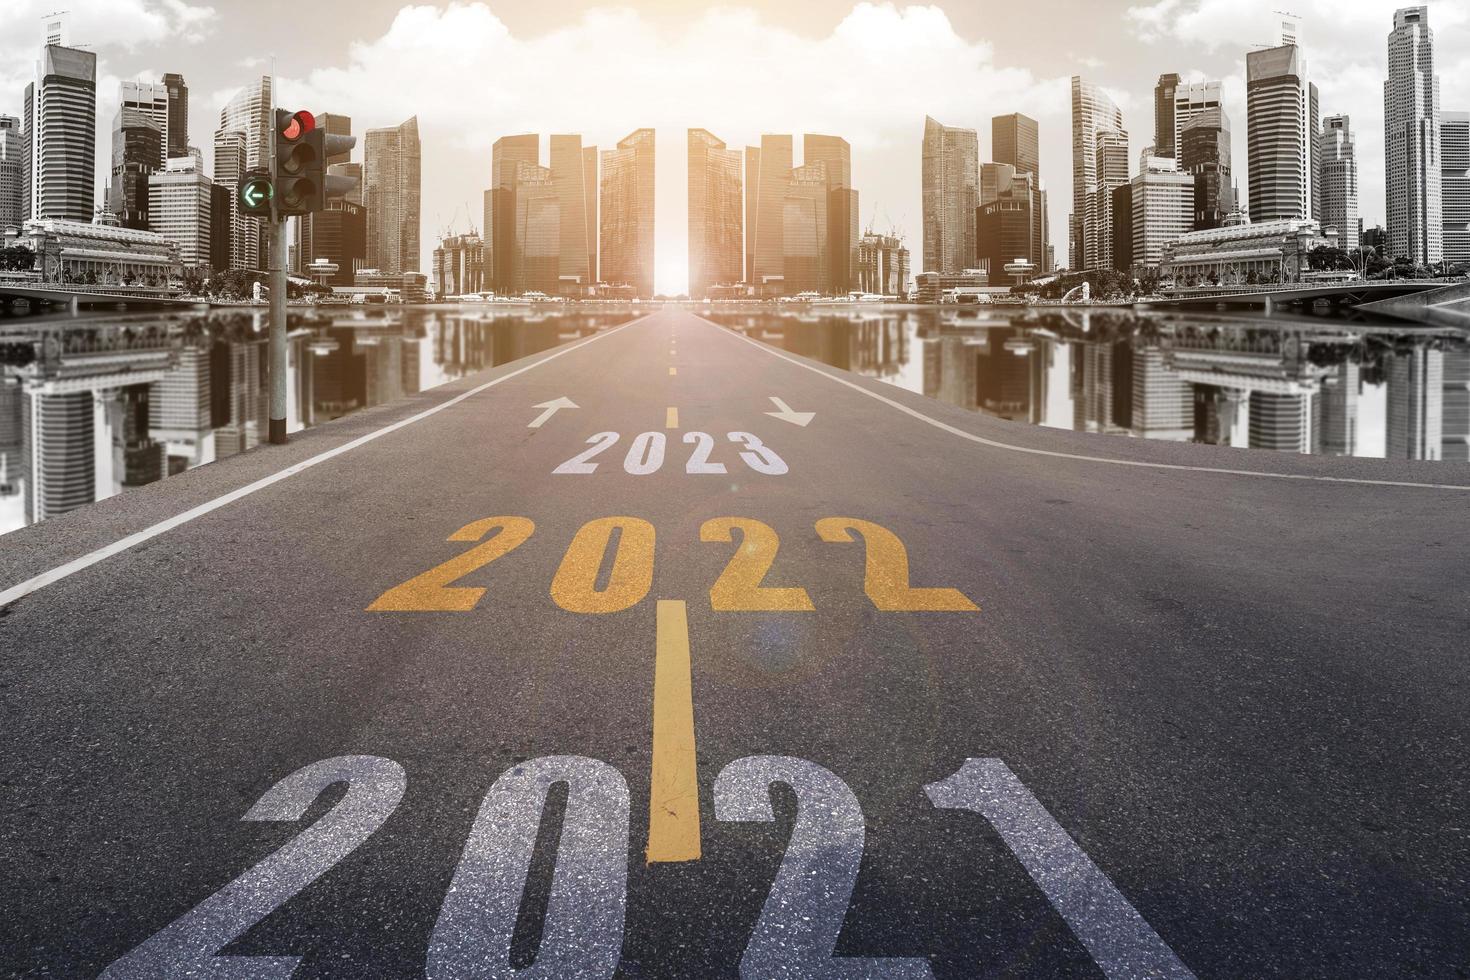 2022-Nummern auf der Straße, die zu den Wolkenkratzern der Stadt führt. foto